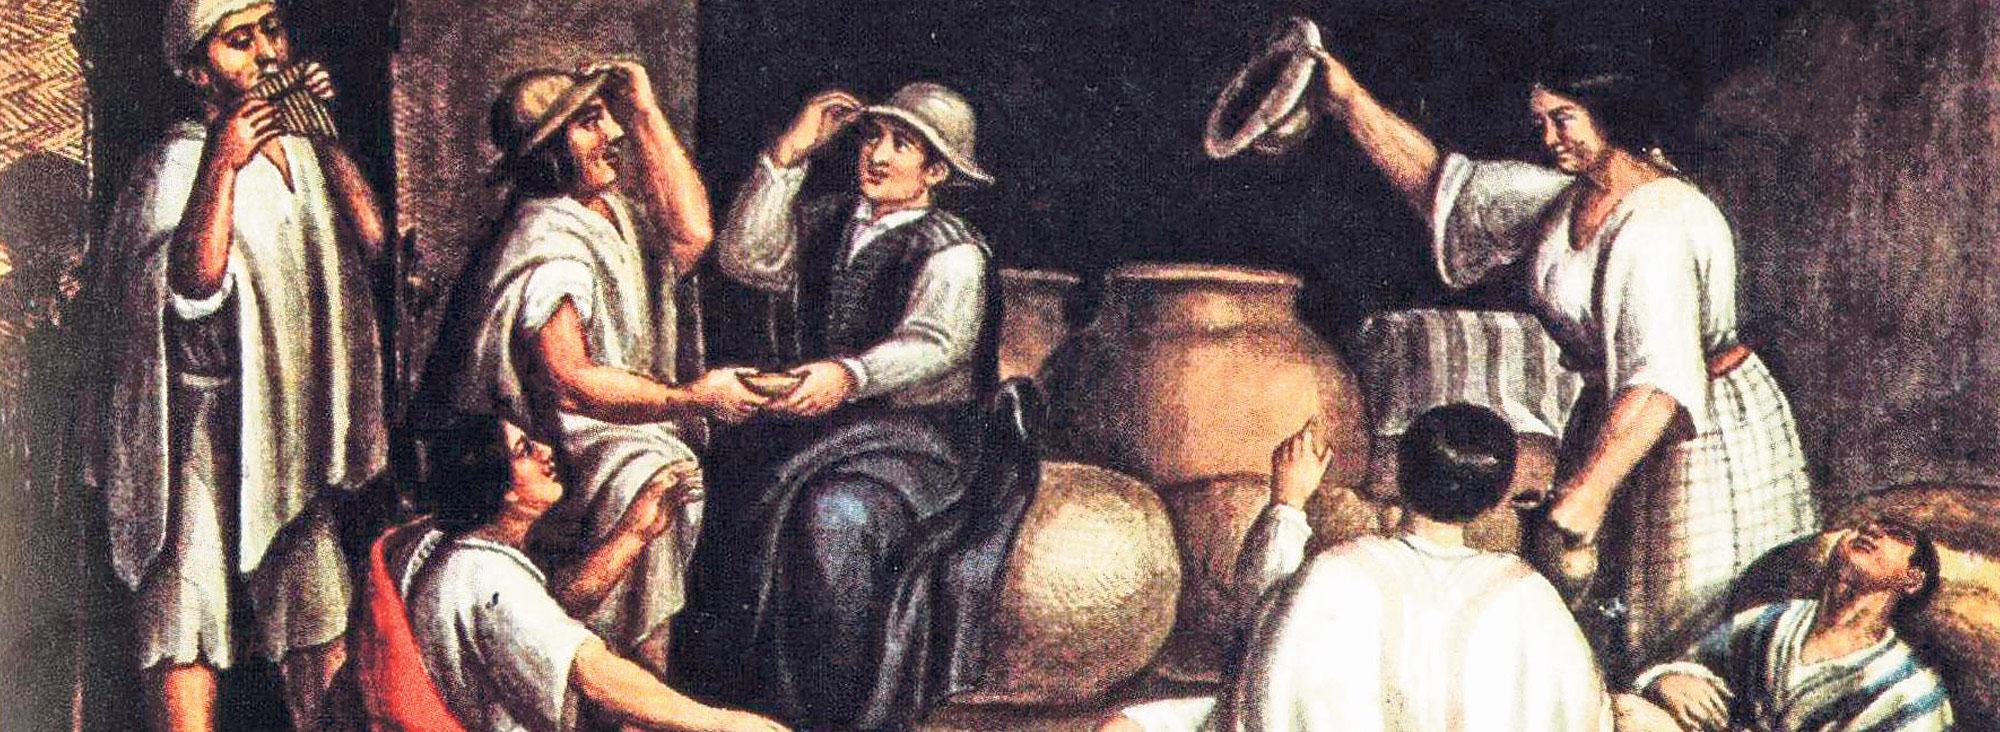 La rebelíon de los barrios de Quito - 1765 4